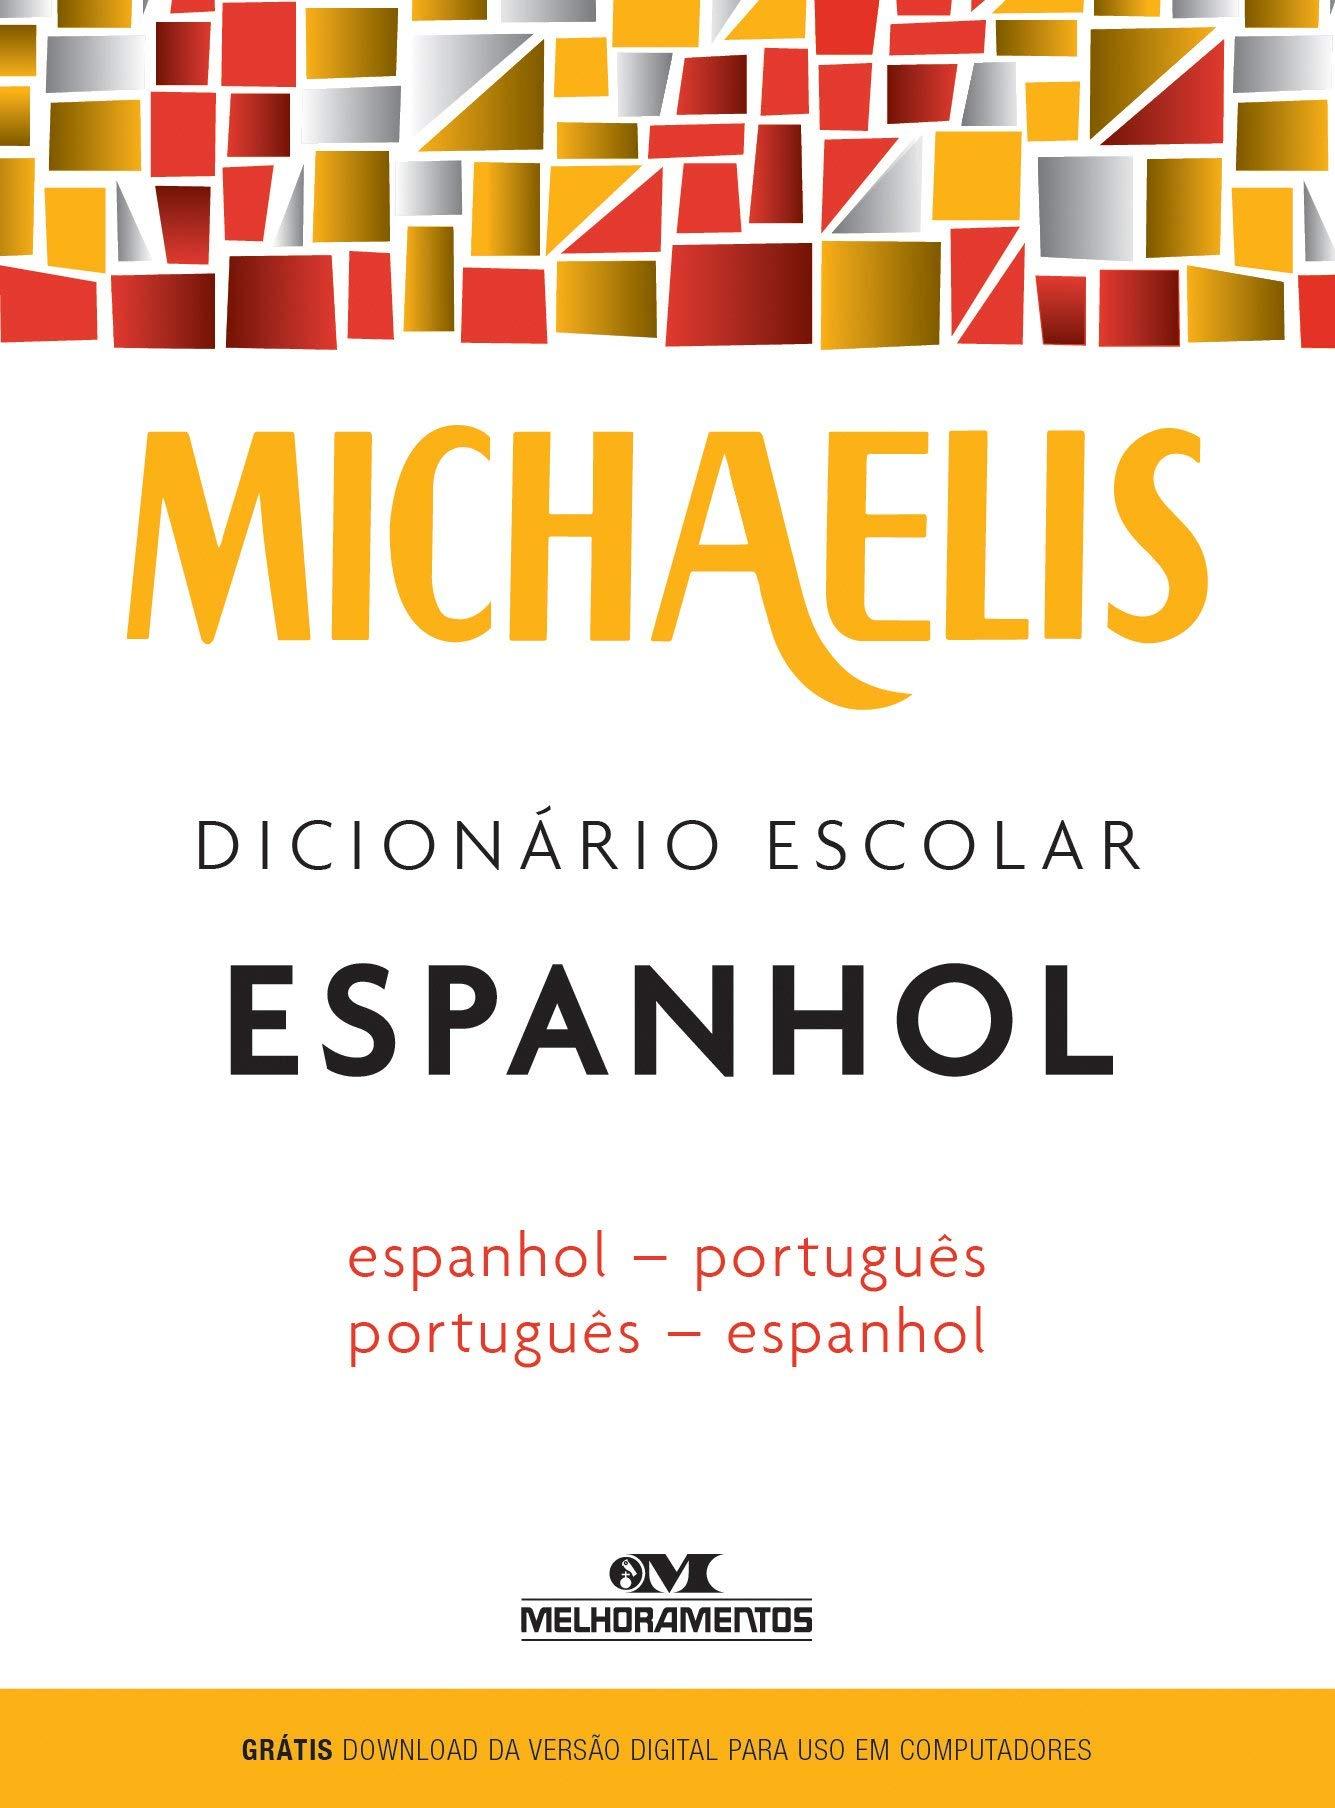 Lista de verbos irregulares em espanhol - Espanhol sem fronteiras